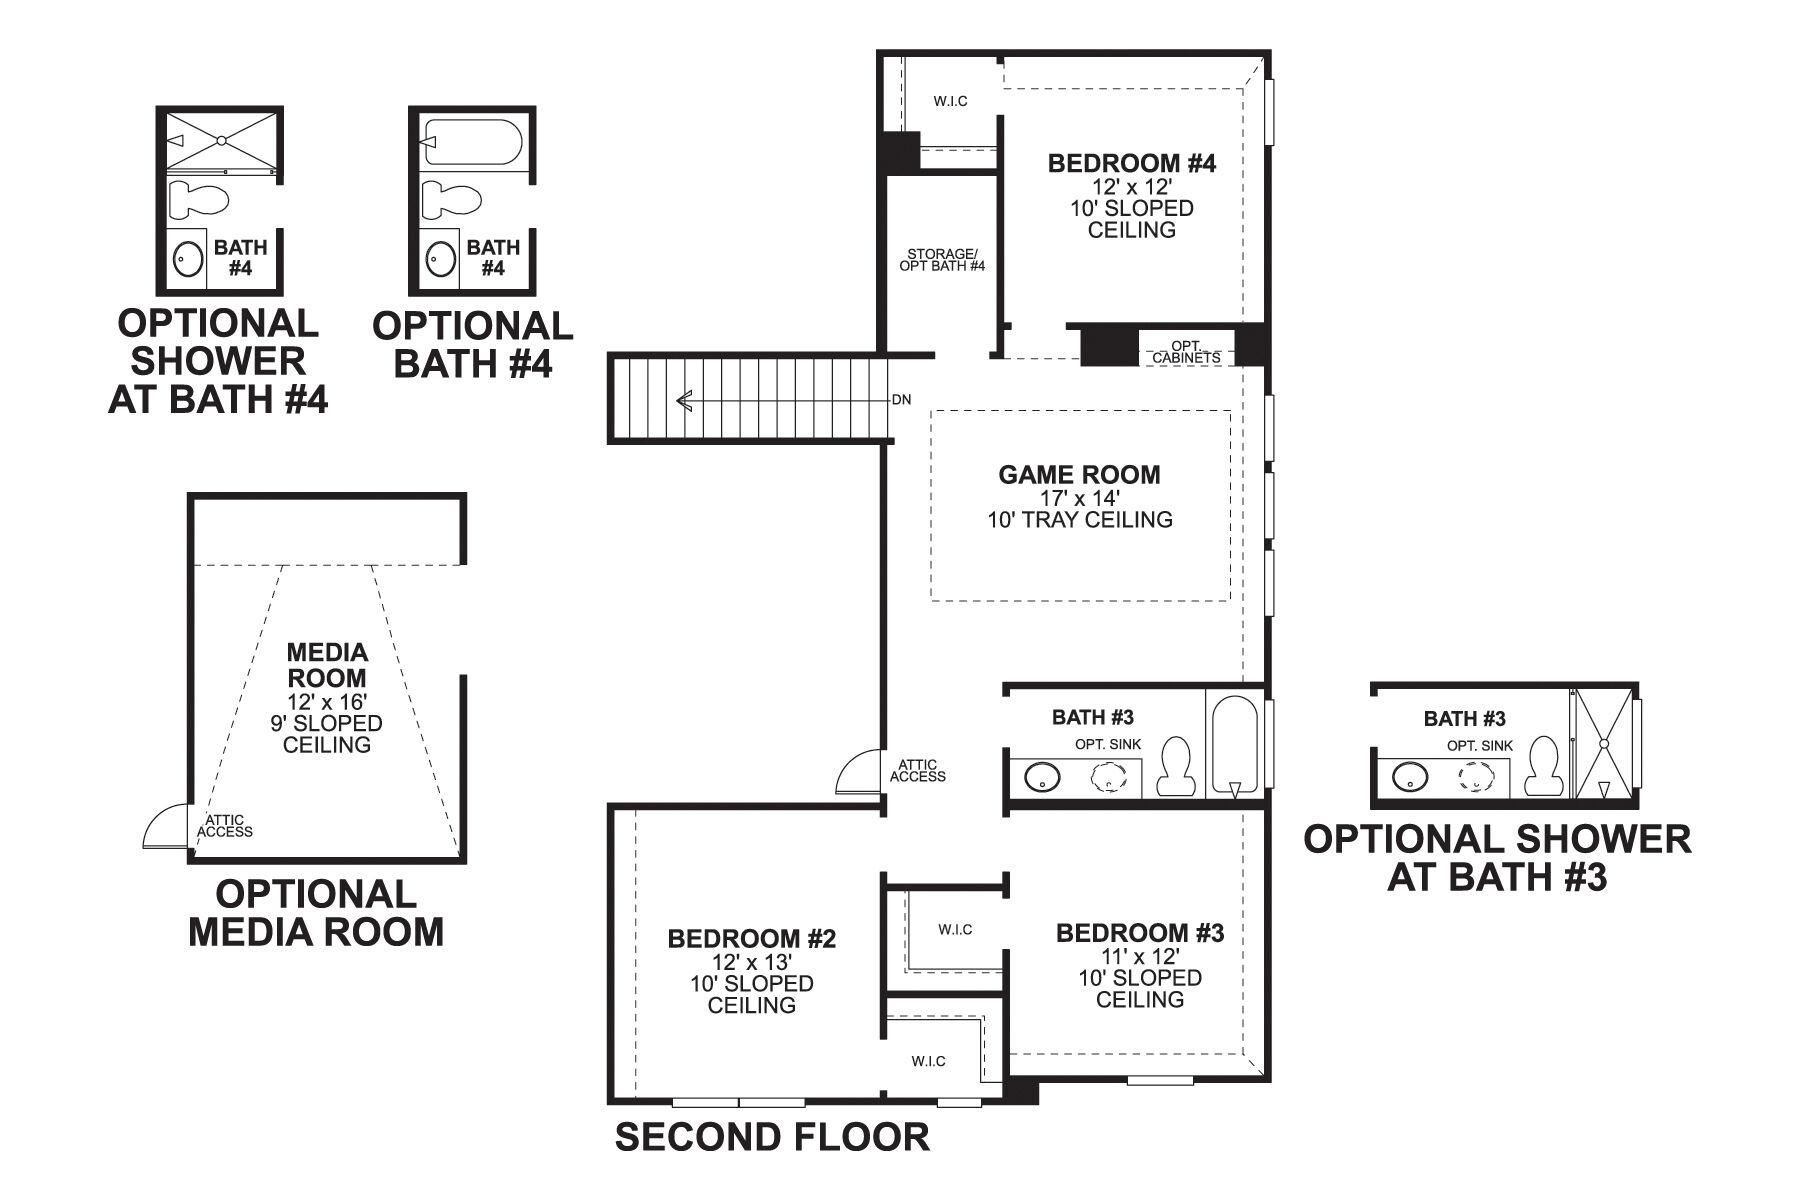 5406 Drexel SL Second Floor